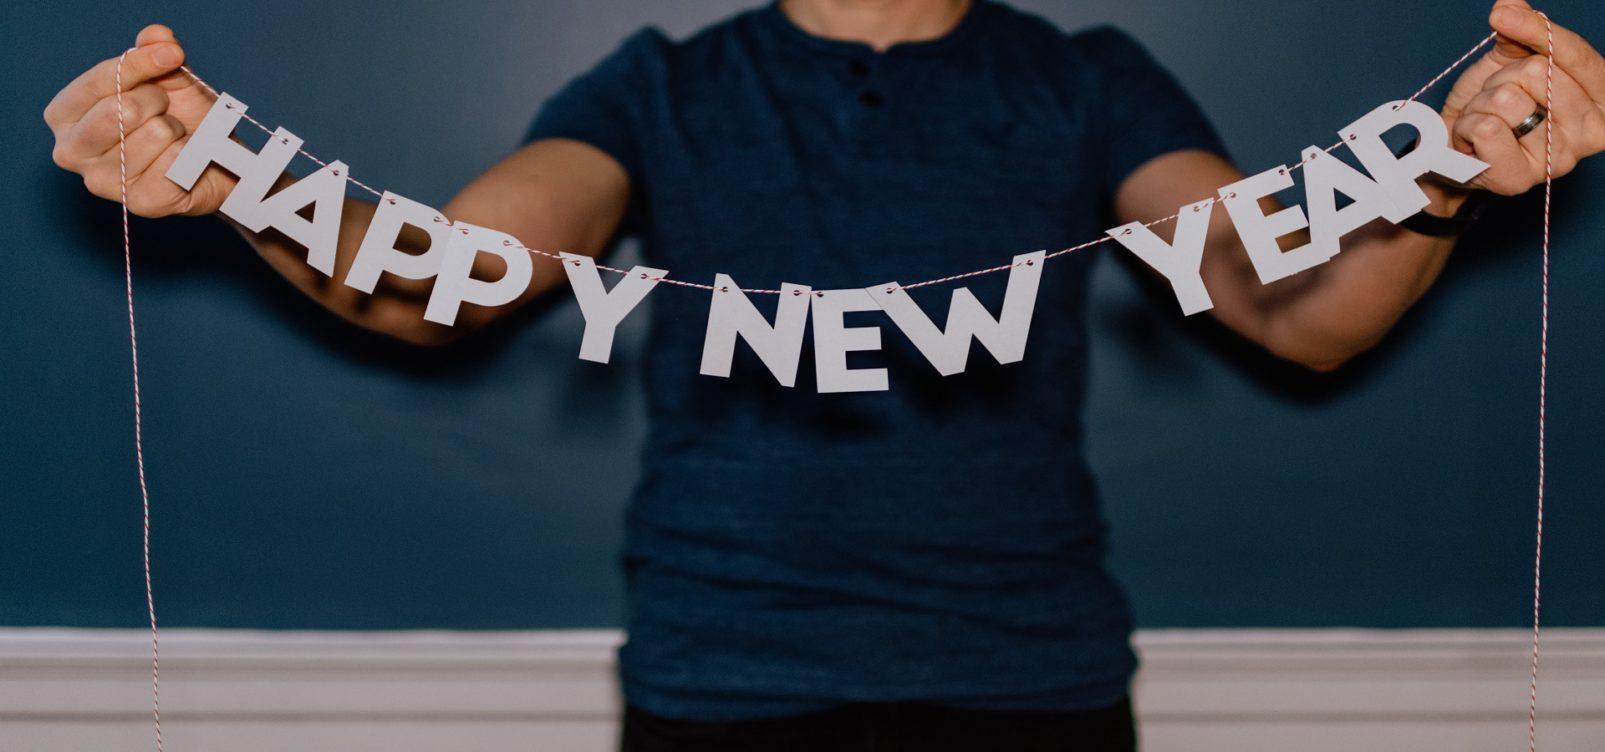 Come rendere quest'anno migliore del precedente